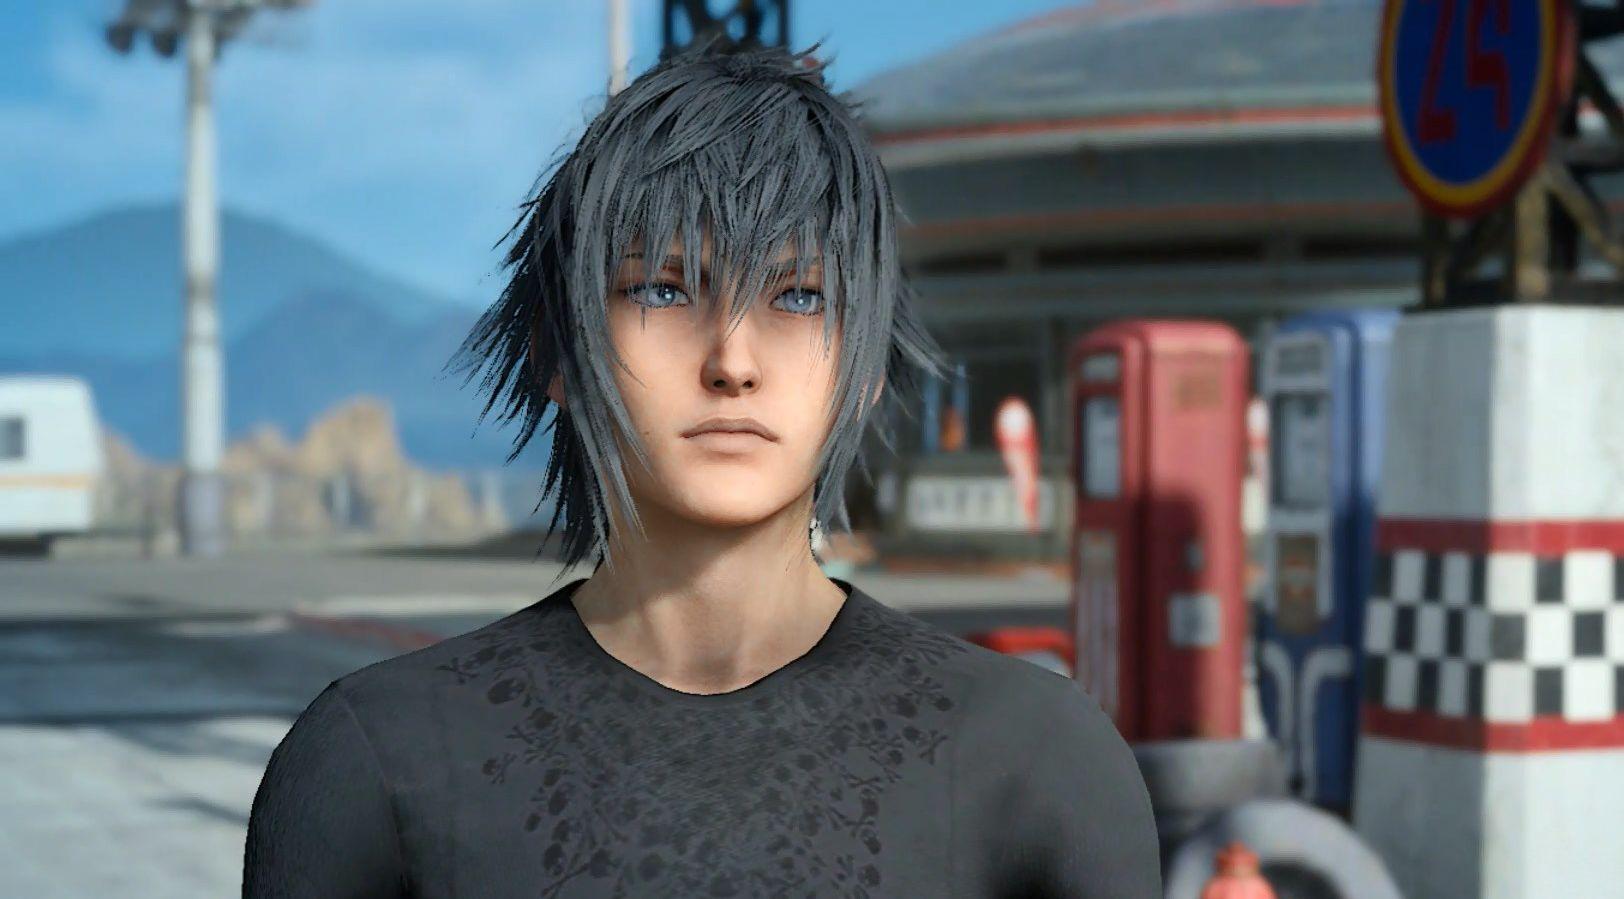 پروژههای جدید سازندگان Final Fantasy 15 به کنسولهای نسل بعدی اختصاص دارند